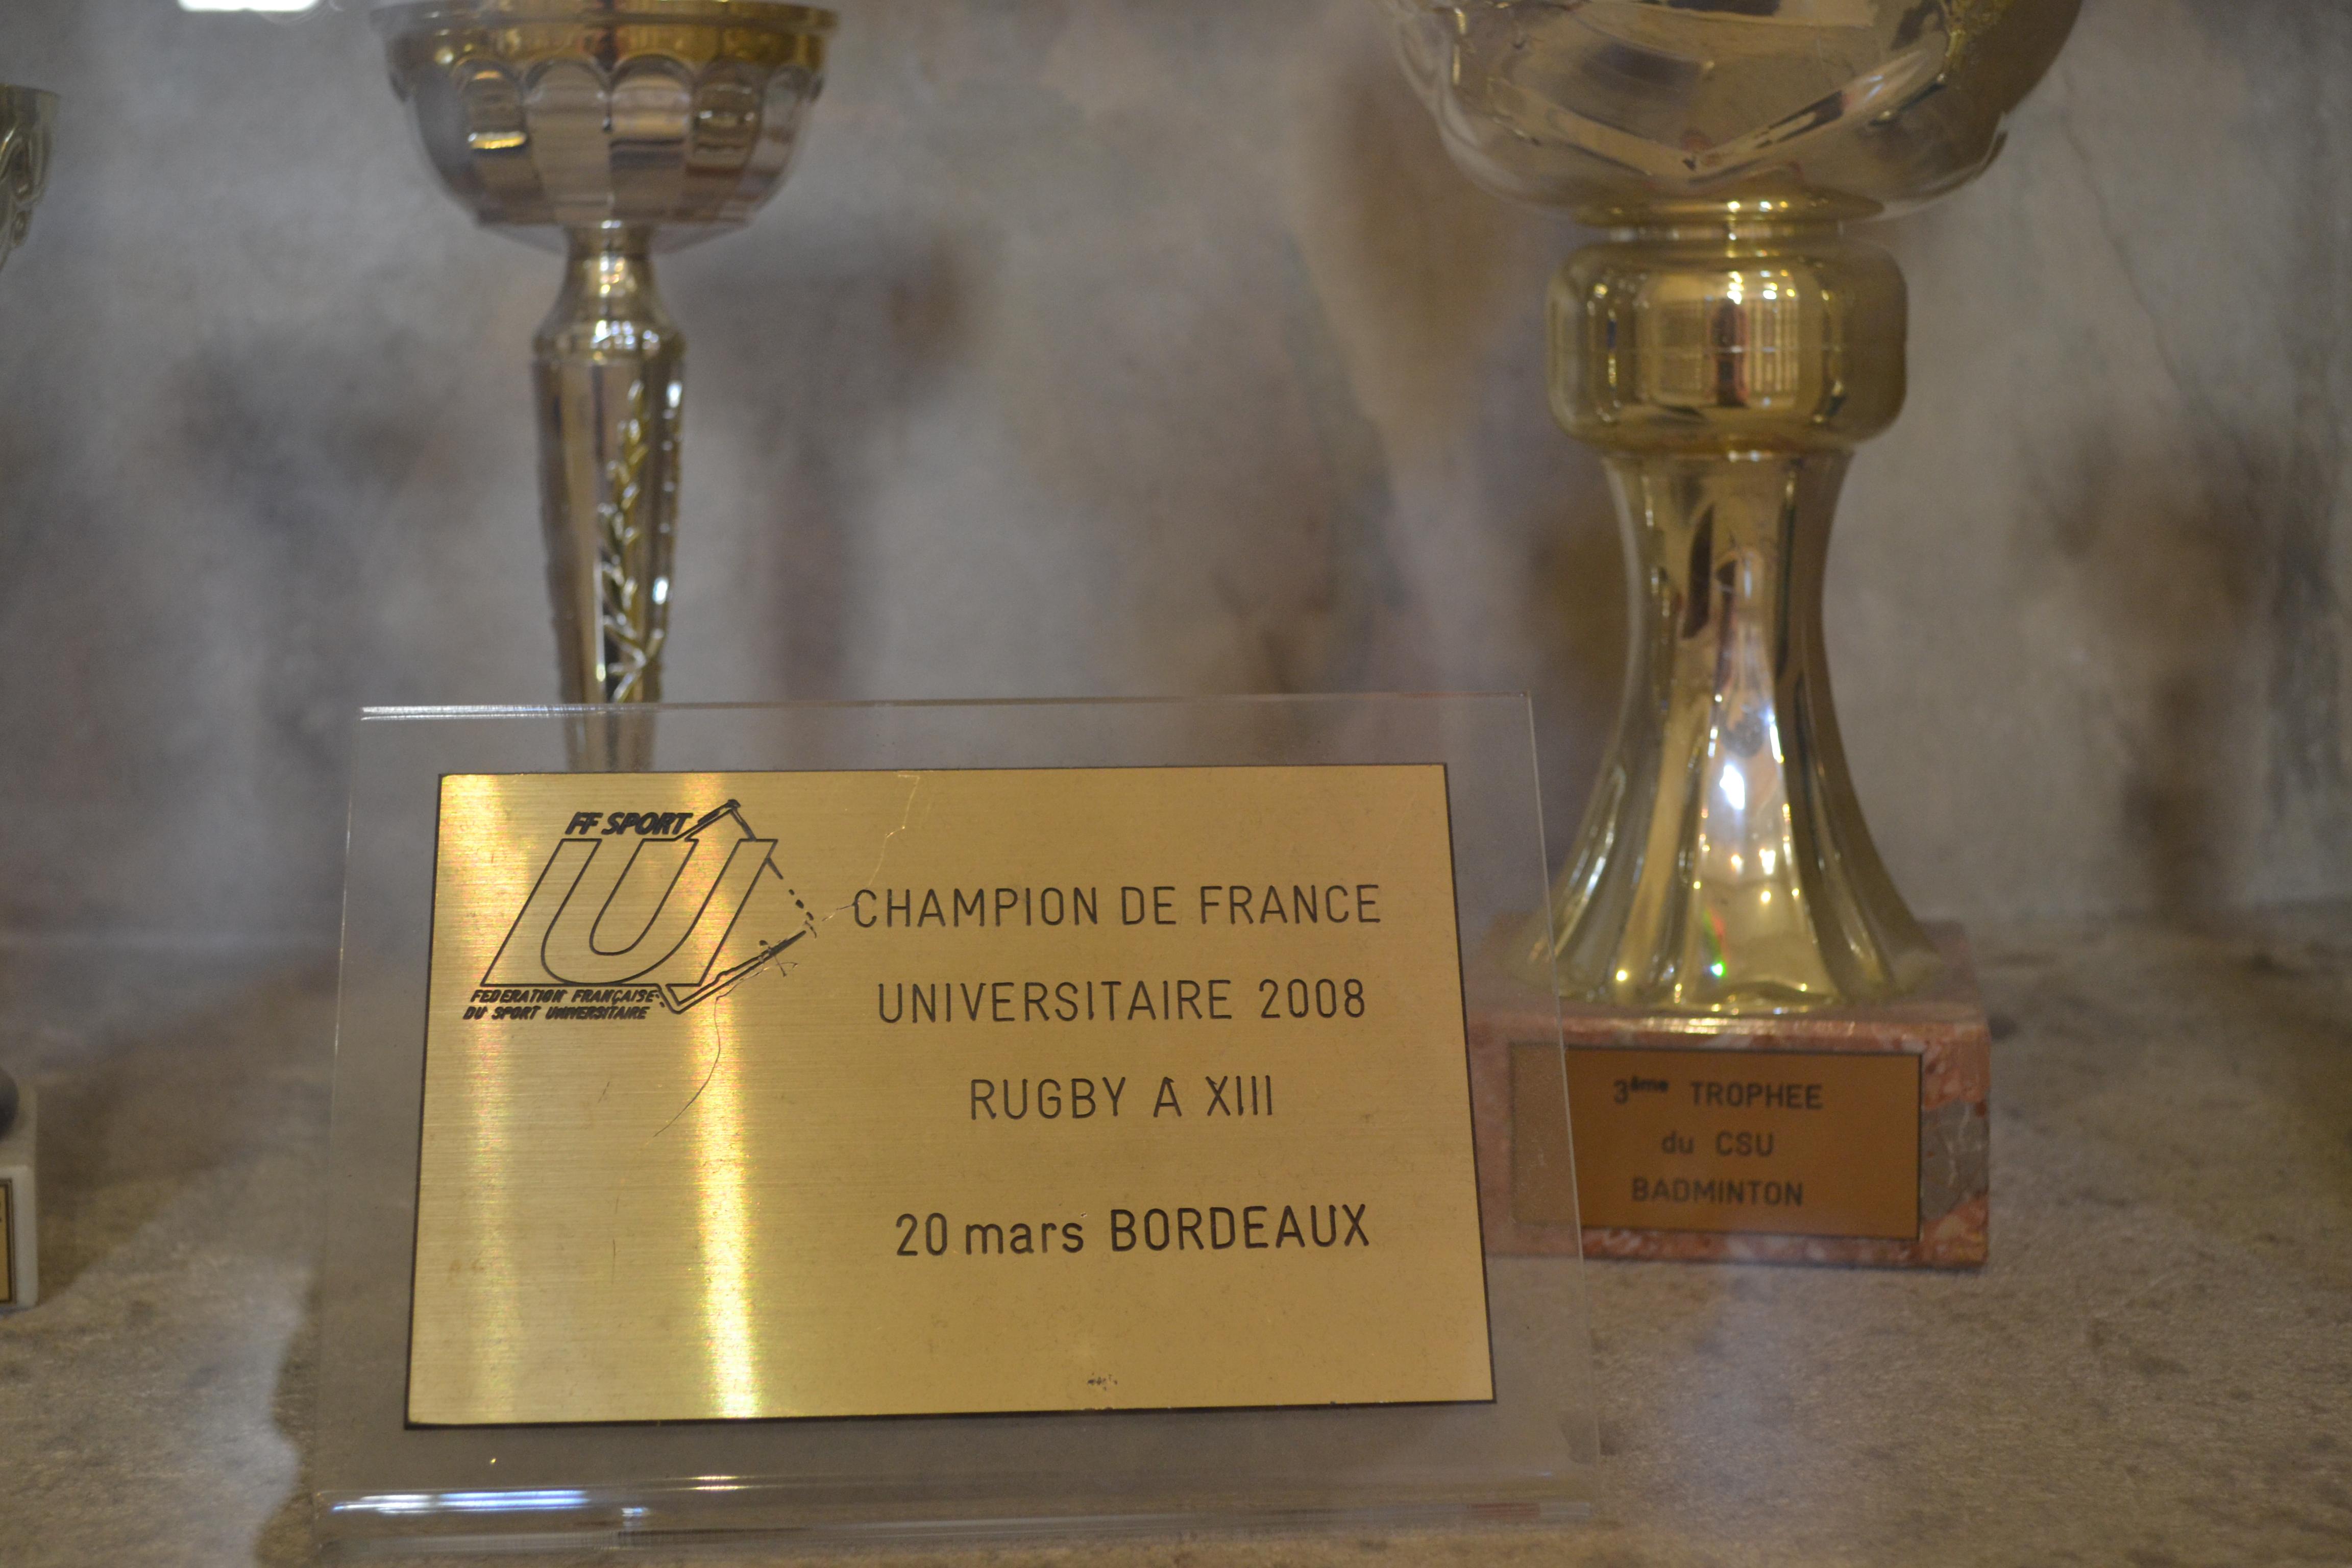 Los trofeos se exhiben por los pasillos de la universidad | ©Andrea Oca